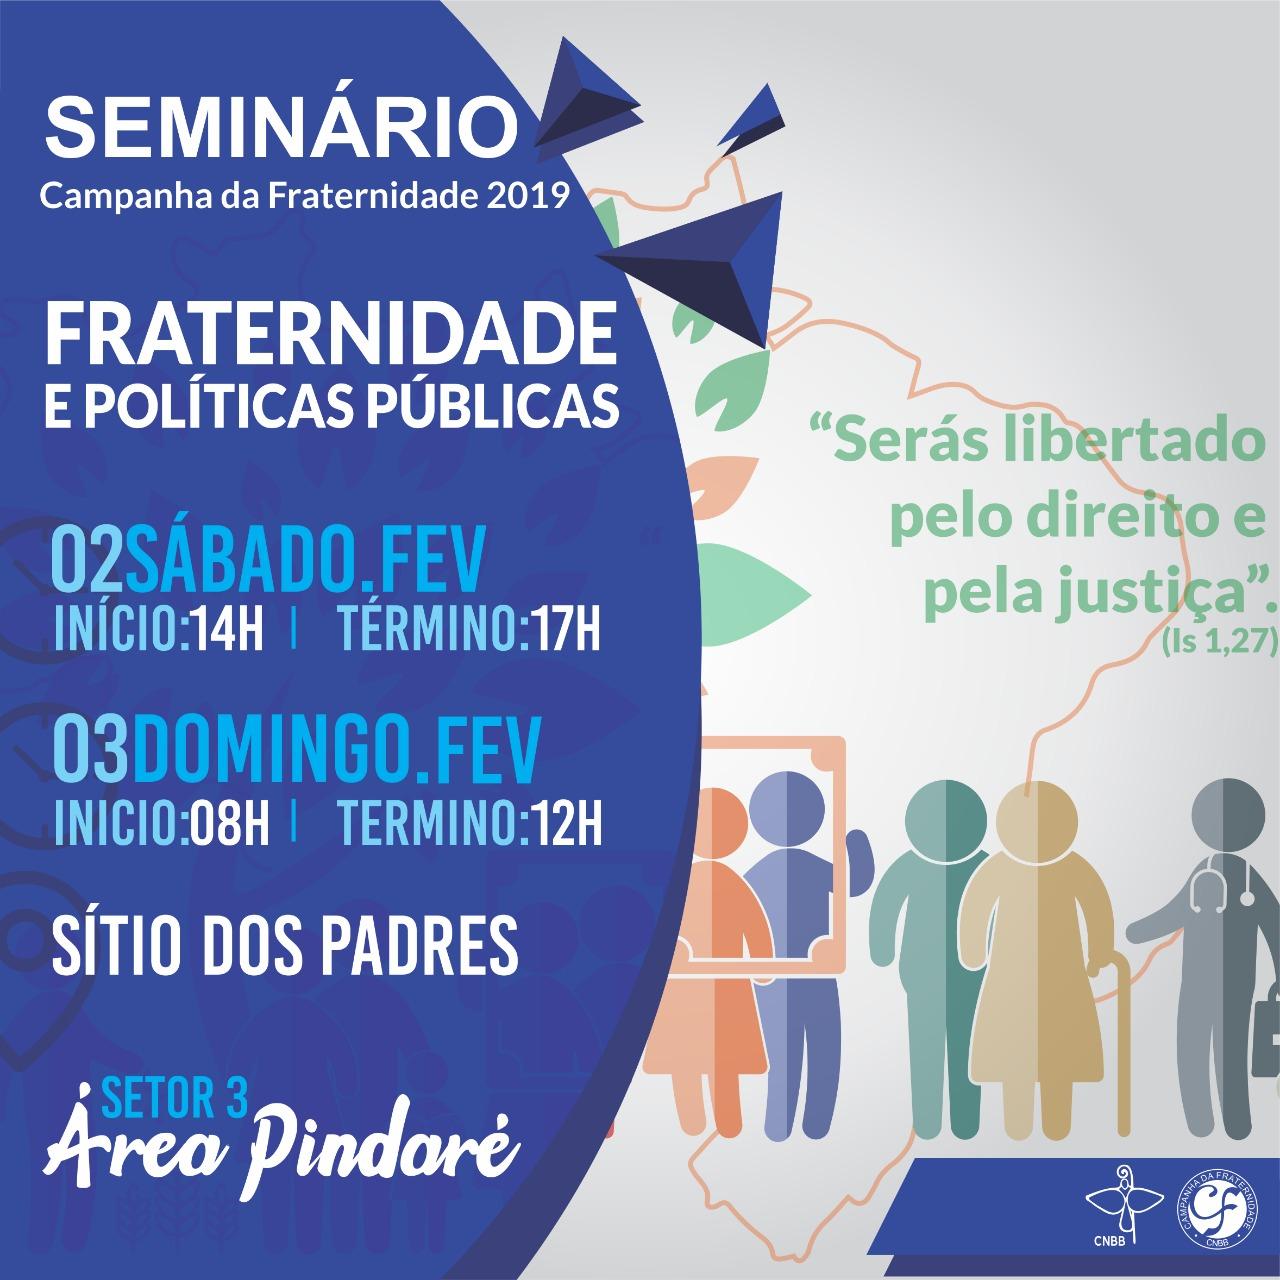 Seminário - Campanha da Fraternidade 2019